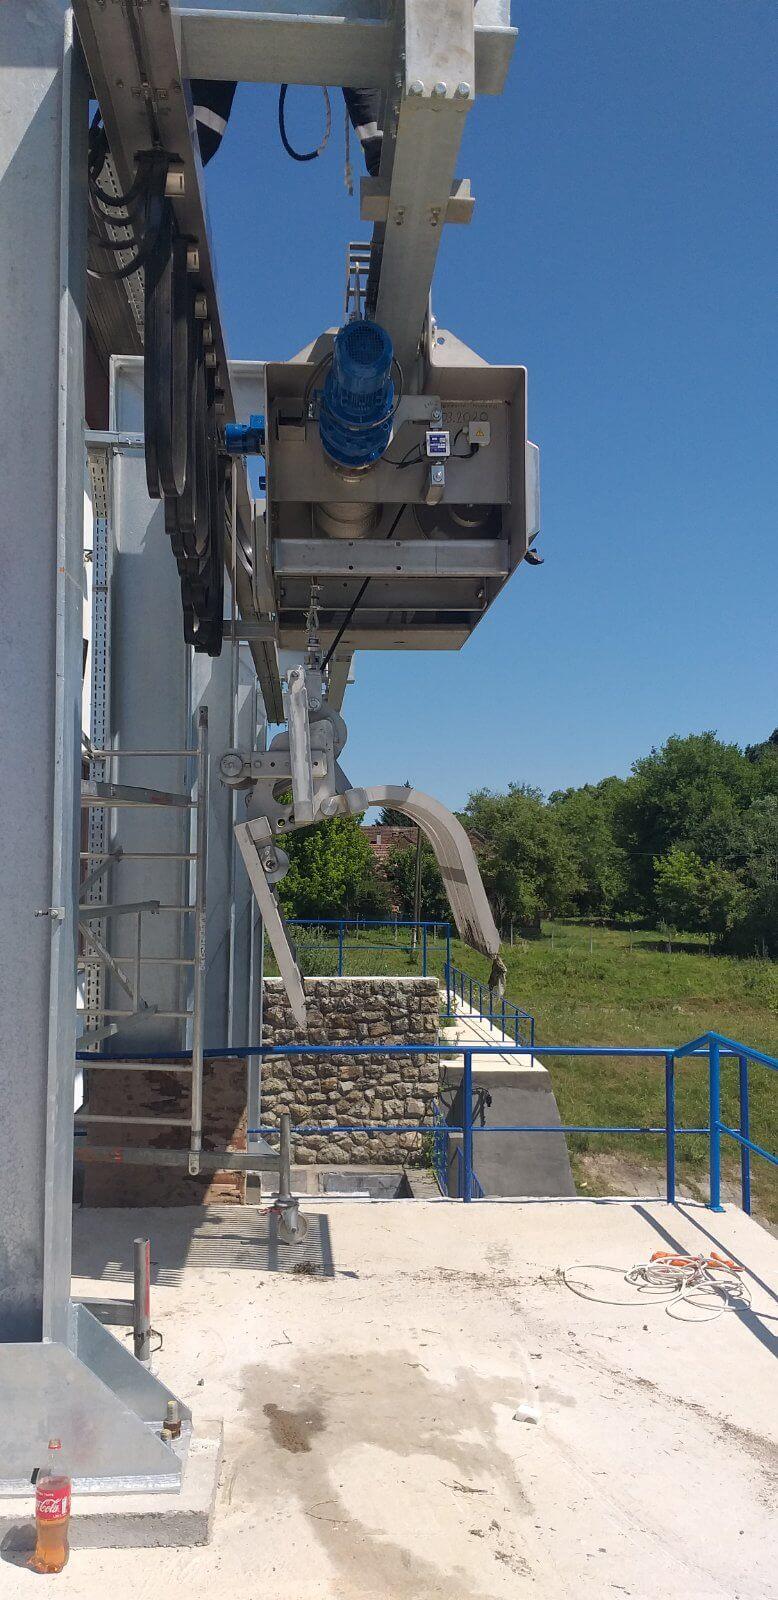 ESTRUAGUA suministró una solución mediante pinza hidráulica AQUILES